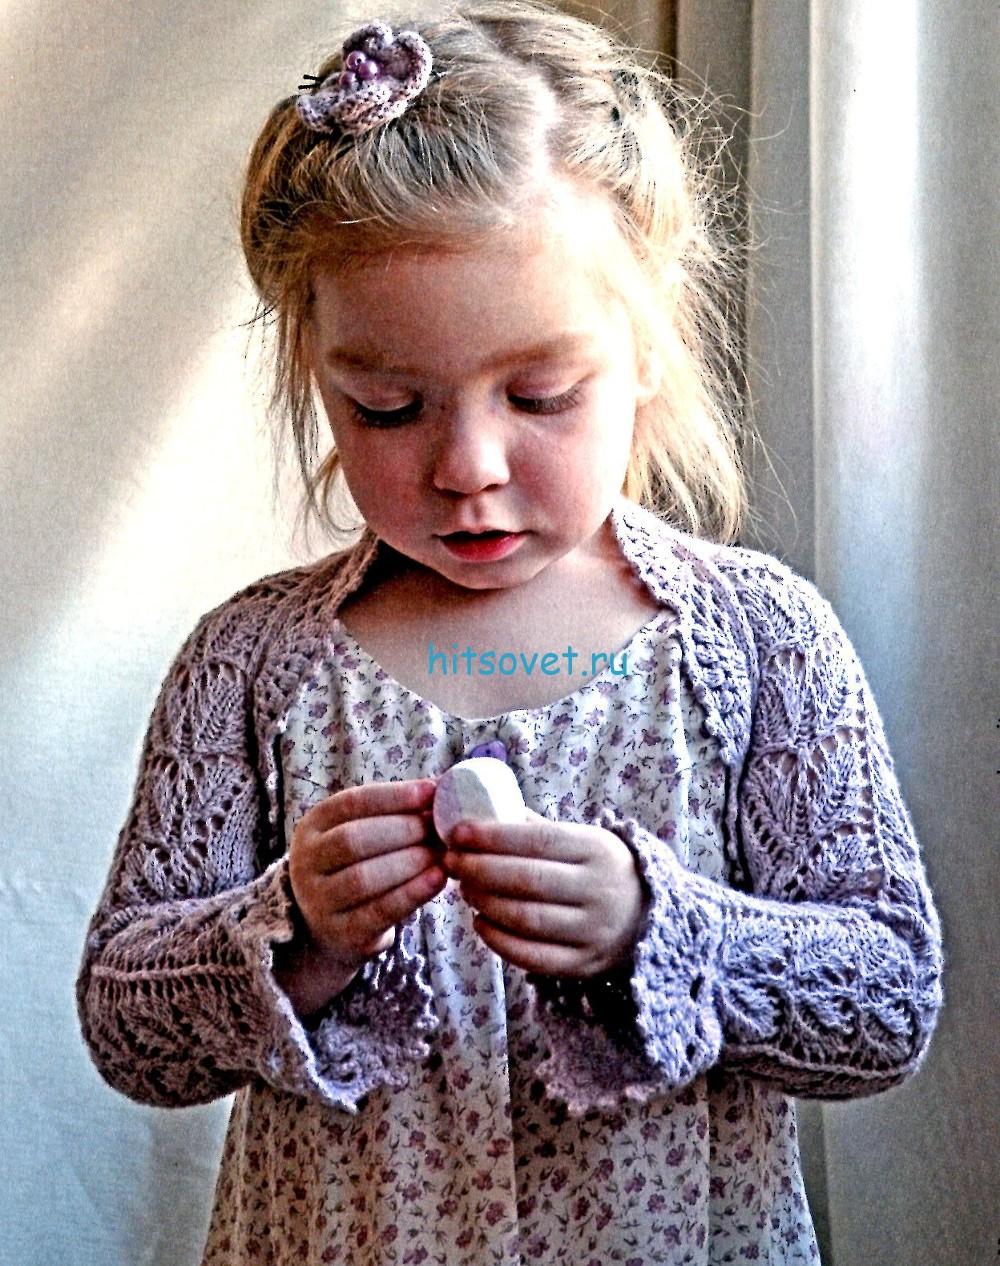 Ажурное болеро для девочки цвета чертополоха